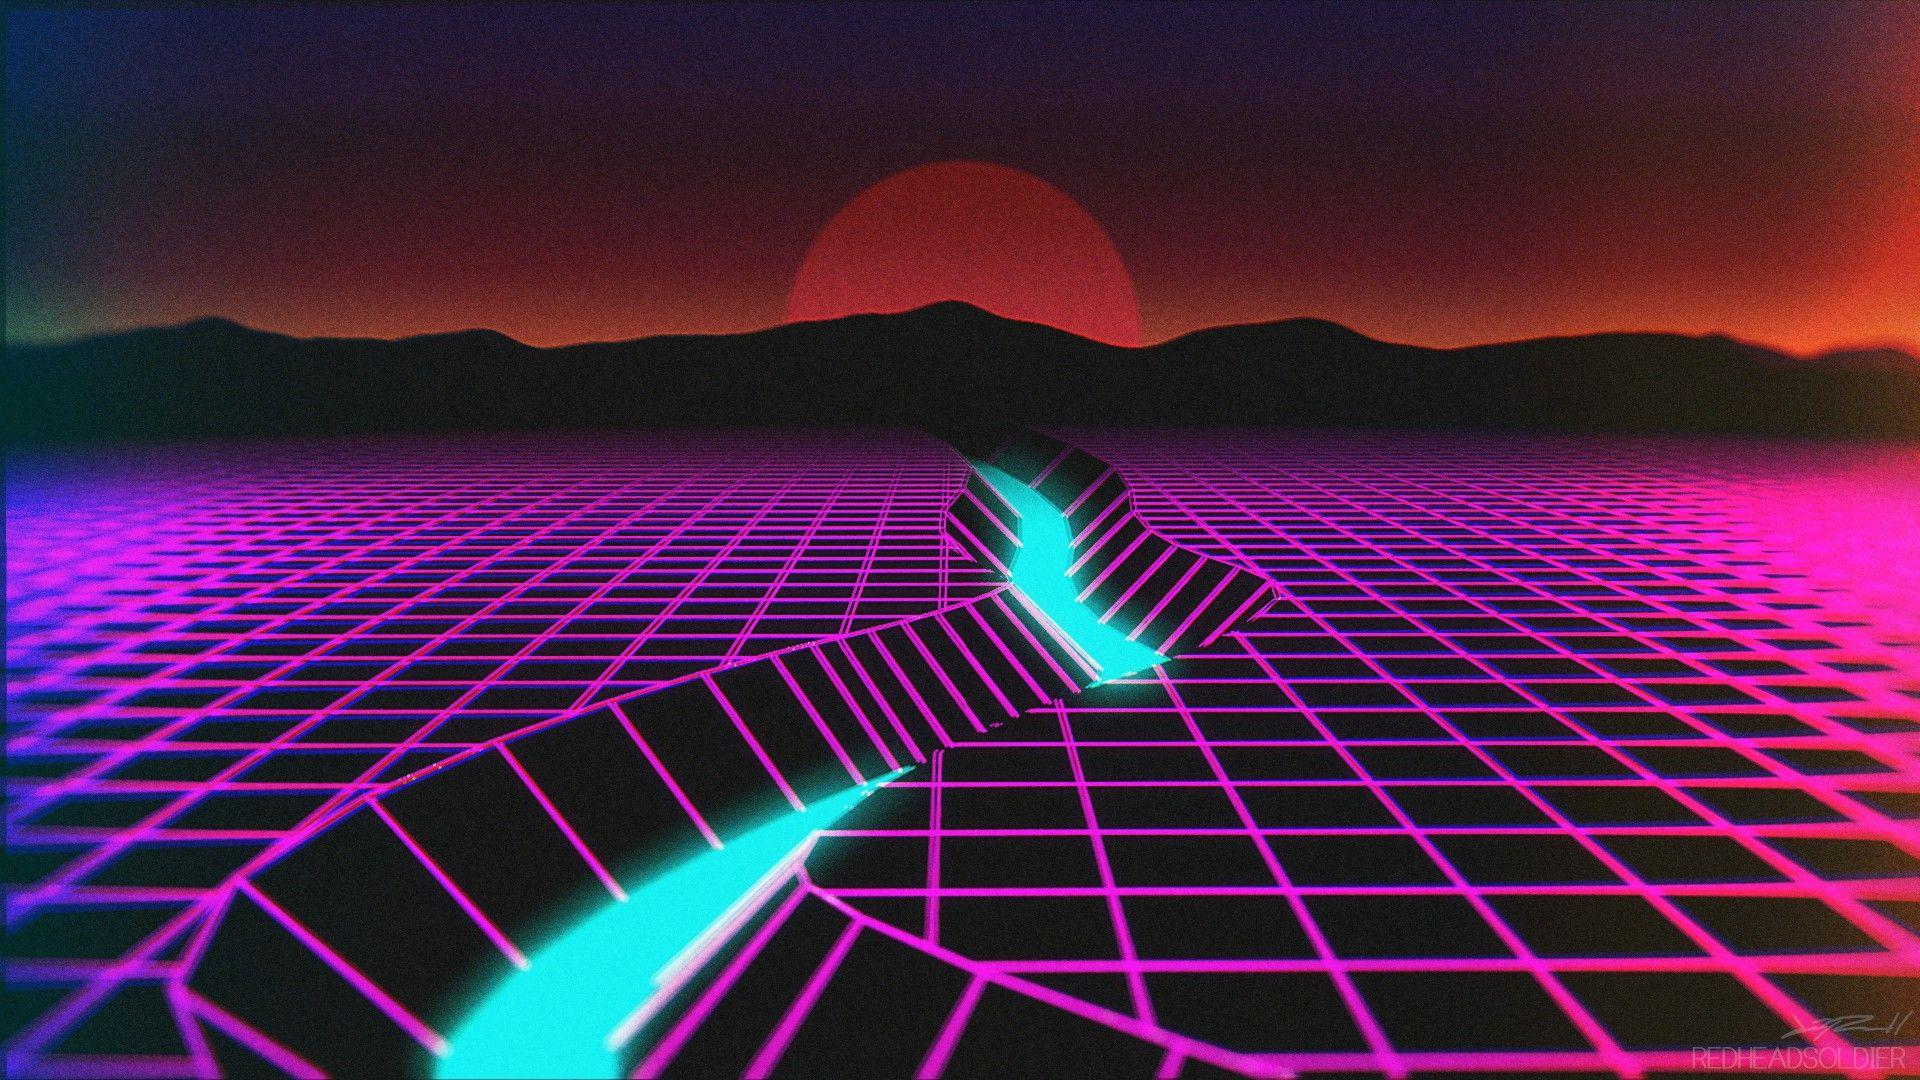 Image result for desktop backgrounds hd night vaporwave | Desktop Backgrounds | Vaporwave, Retro ...